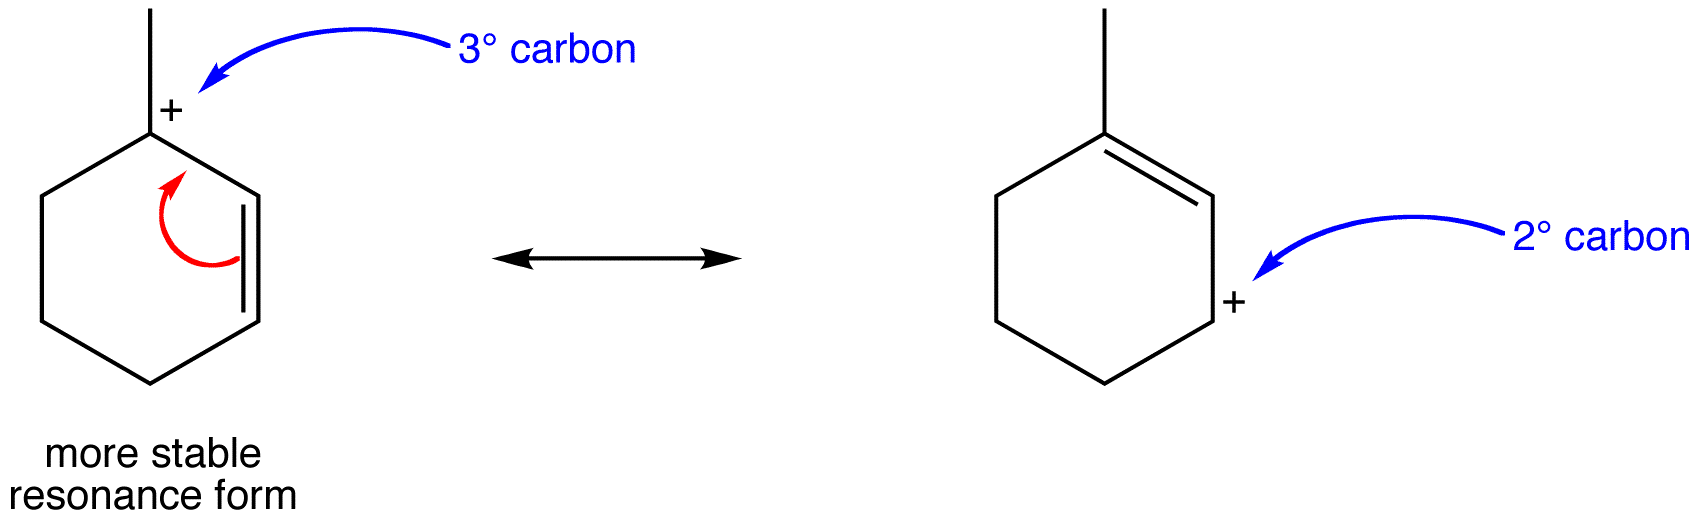 Tertiary Allylic Carbocation Ochempal